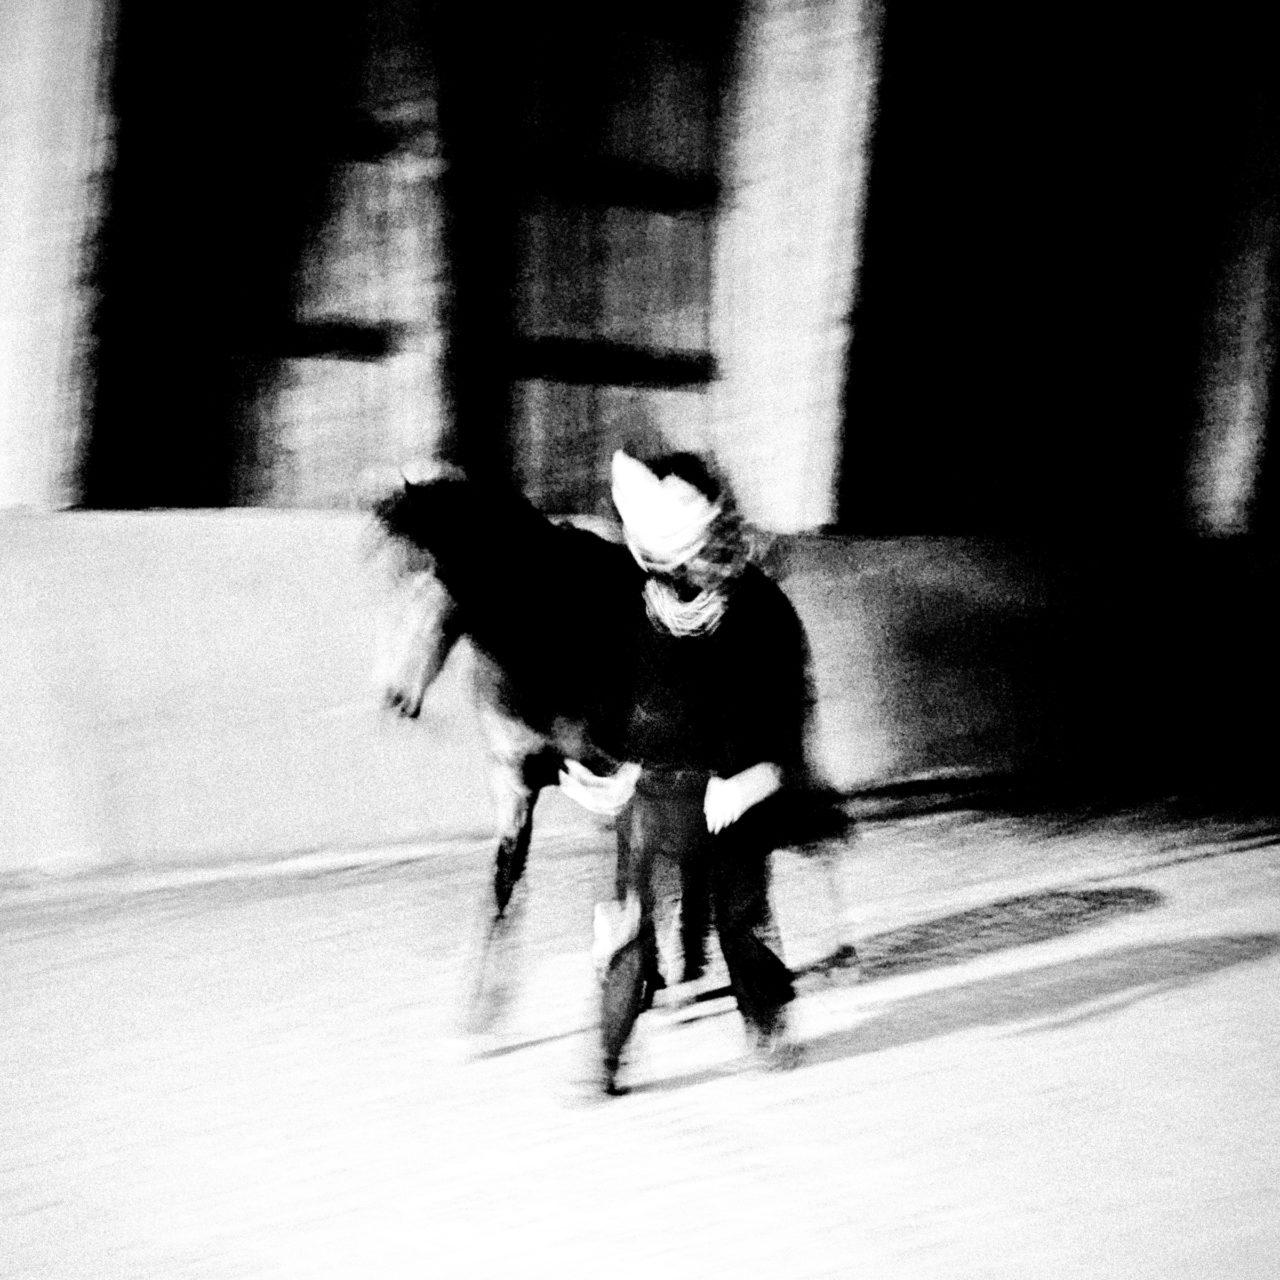 Dallemagne_LensCulture-27